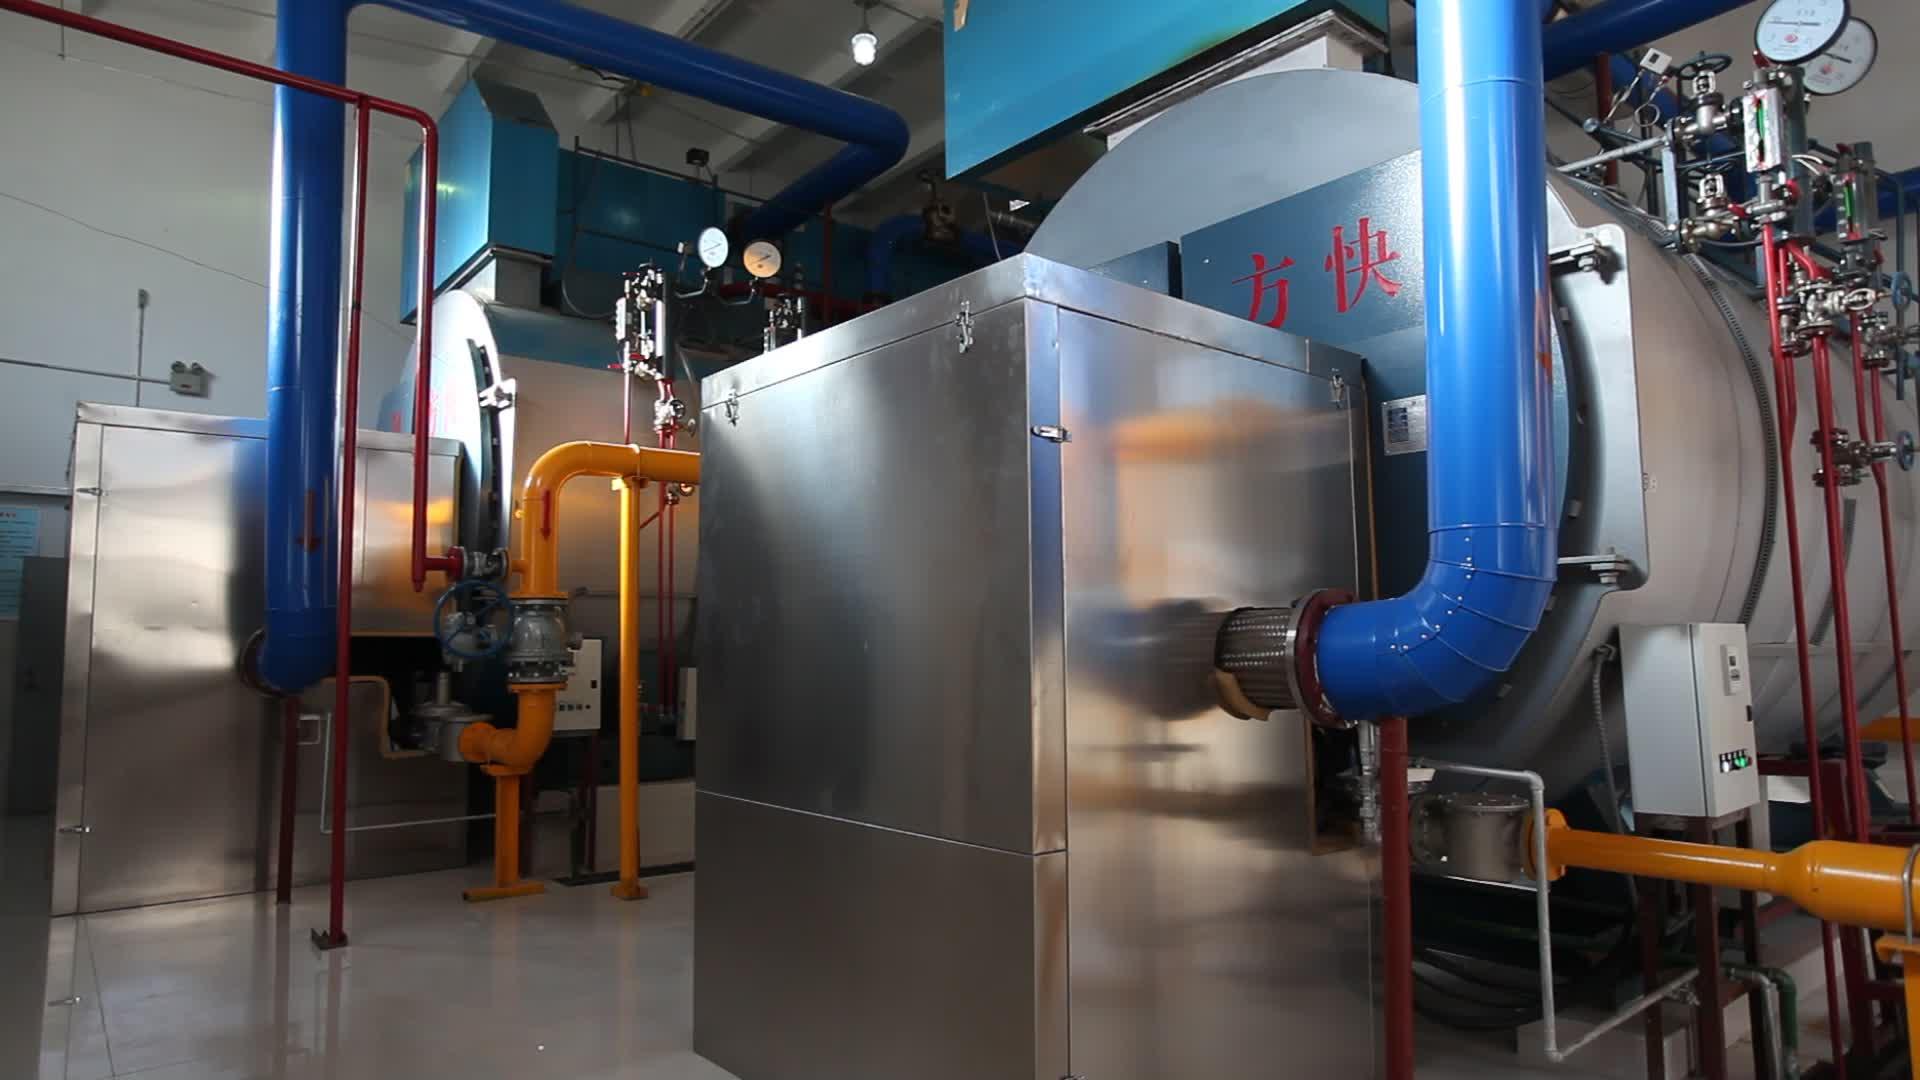 Beste Verkauf 1t-10WM Gewicht Gas Diesel Öl Feuerte Lebensmittel Verarbeitung Dampfkessel Maschine Günstige Preis für verkauf